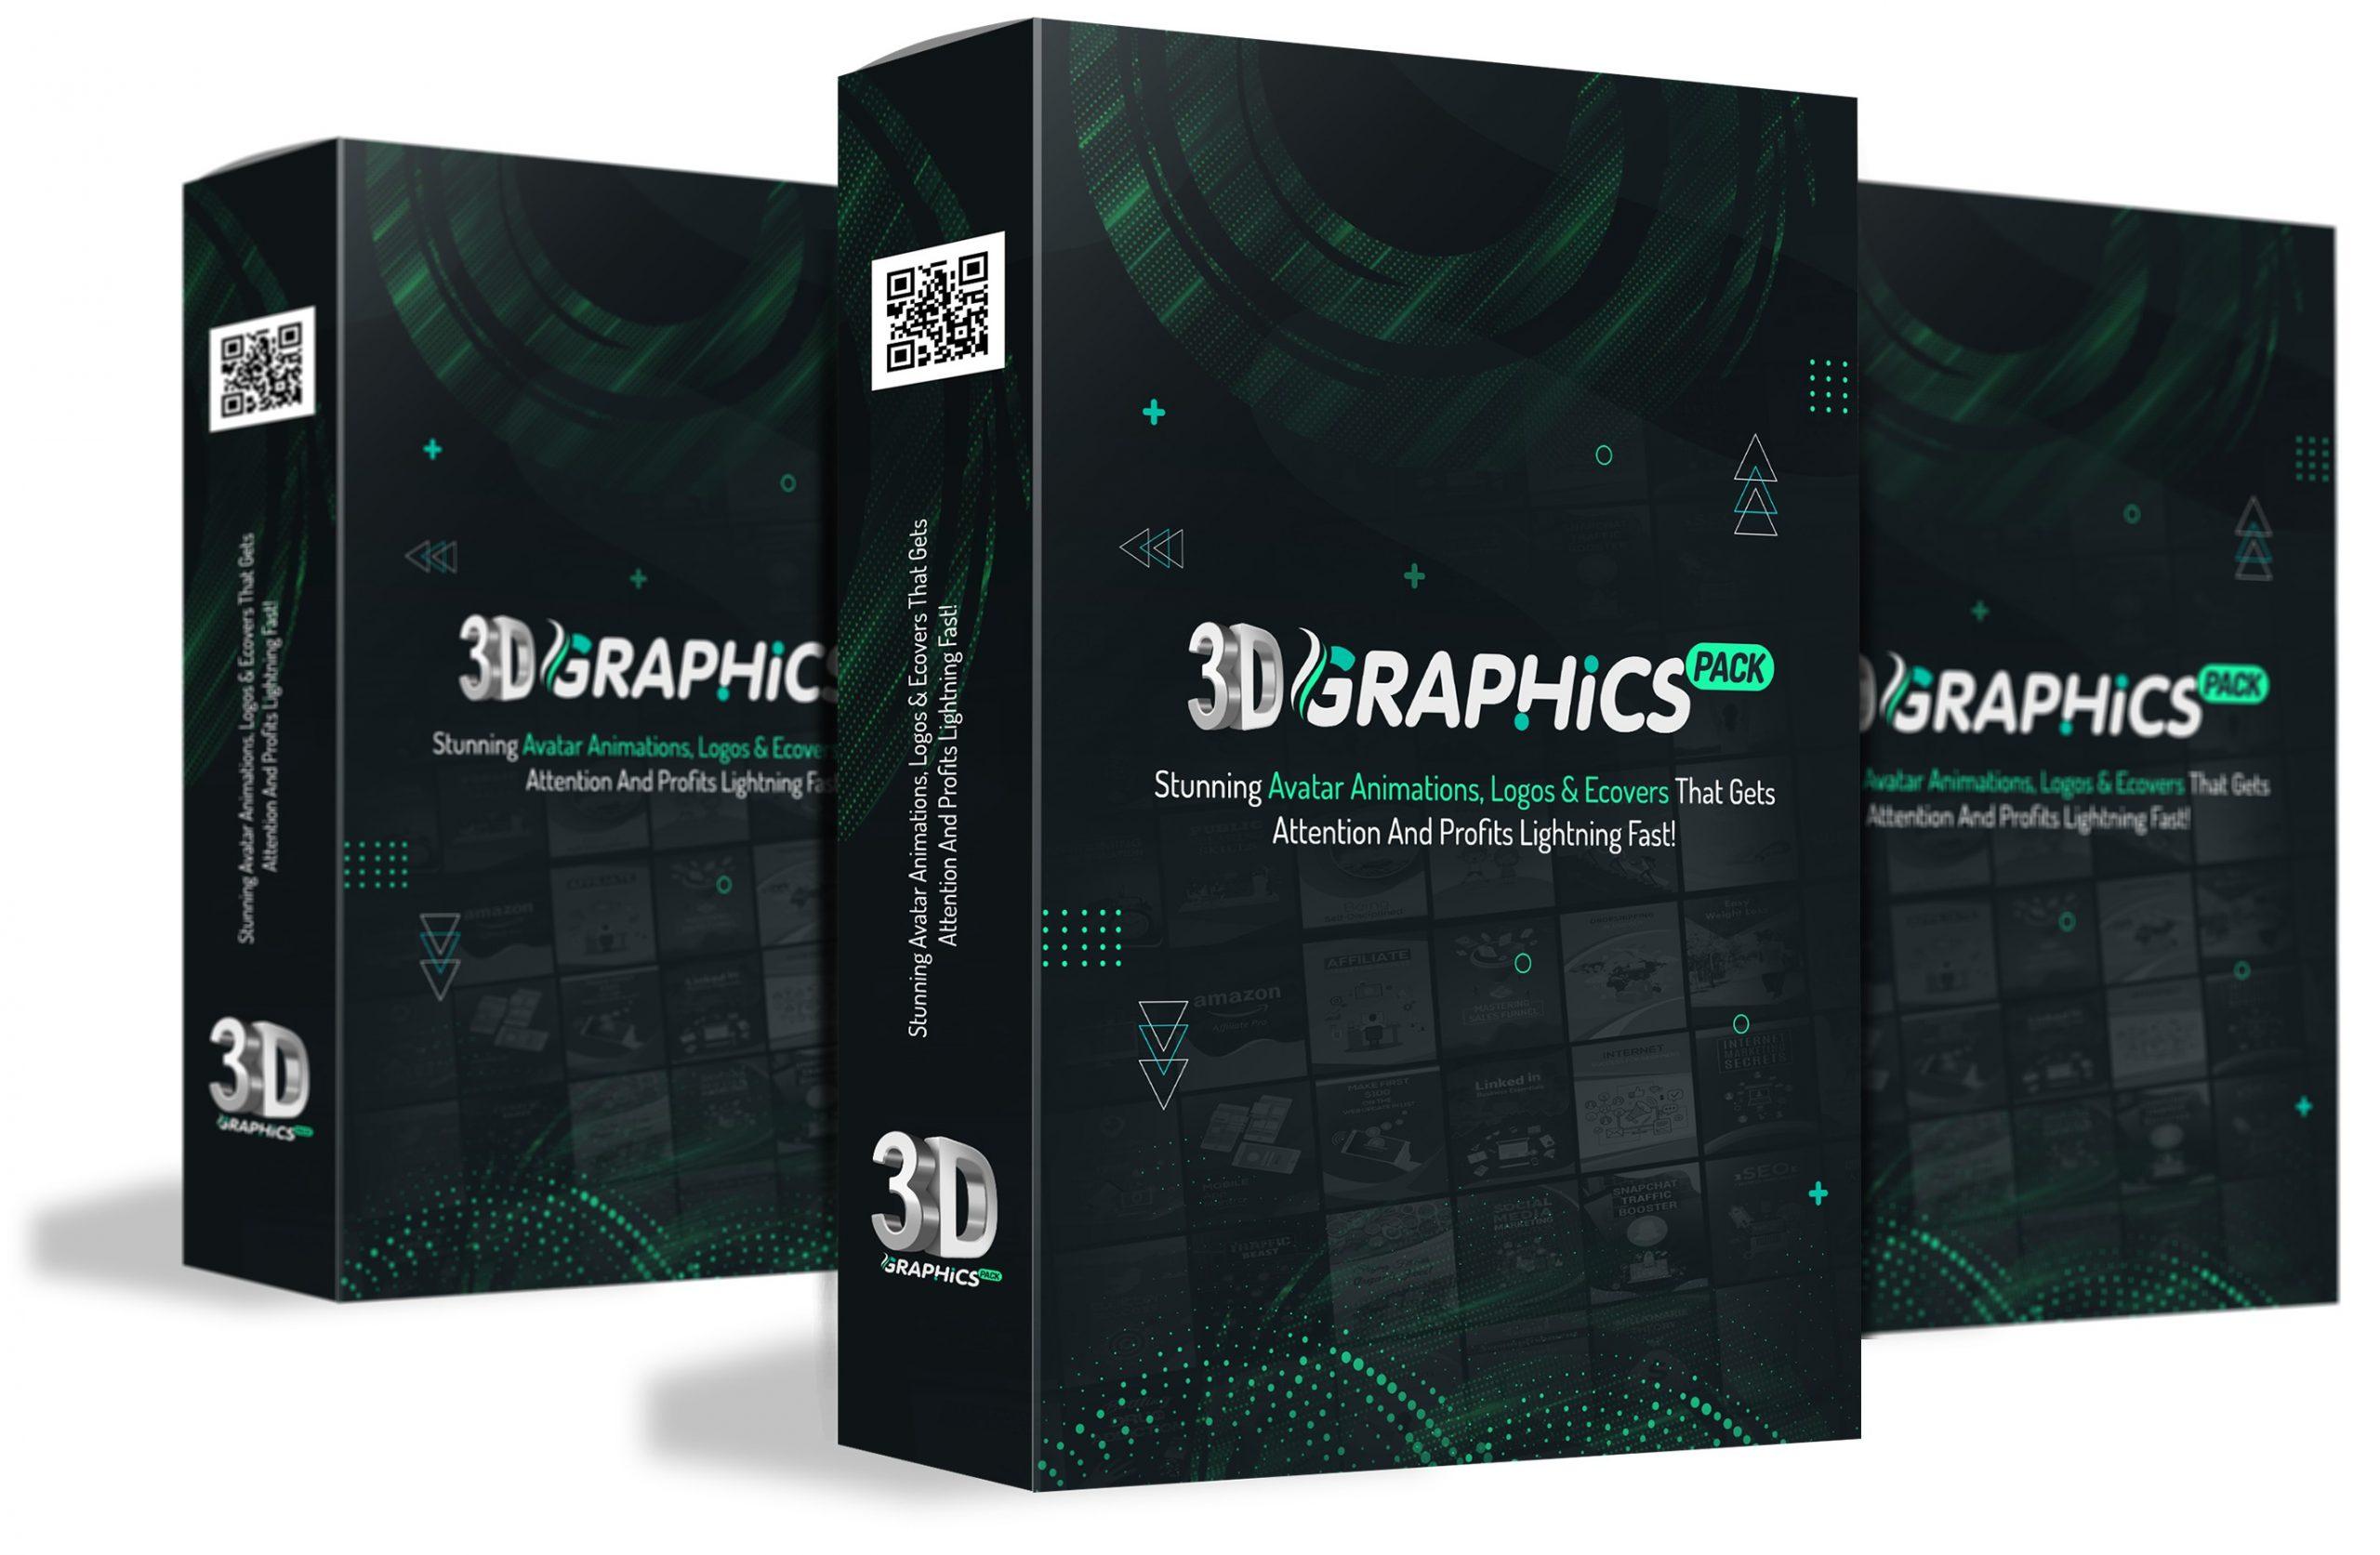 3D-GRAPHICS-PLR-Review